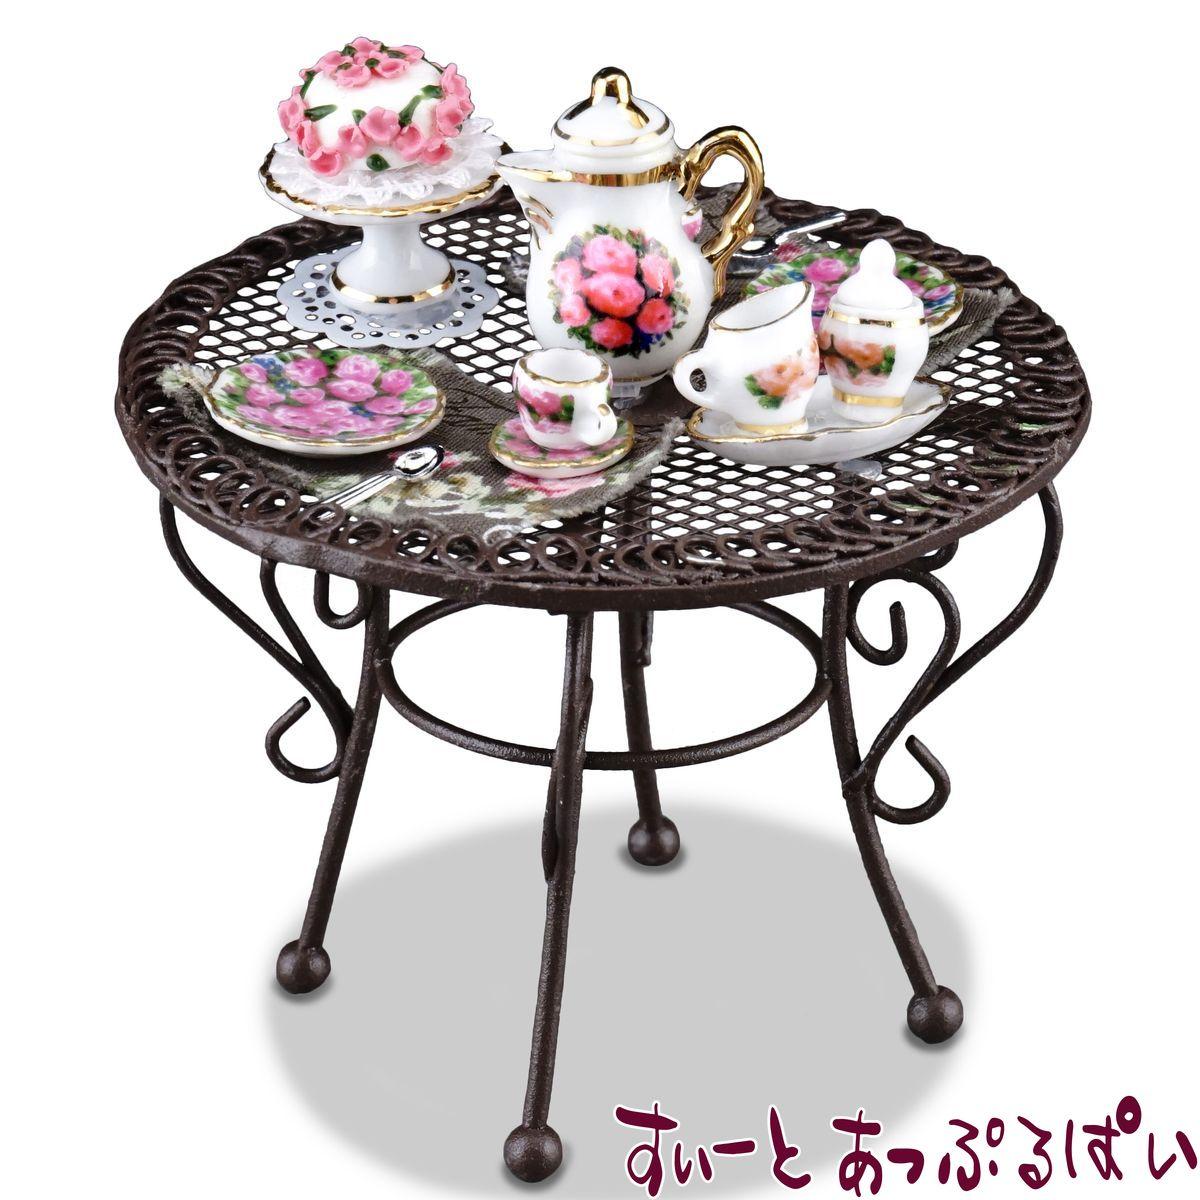 ミニチュア  ロイターポーセリン  ガーデンテーブル ローズケーキ RP1808-4 ドールハウス用